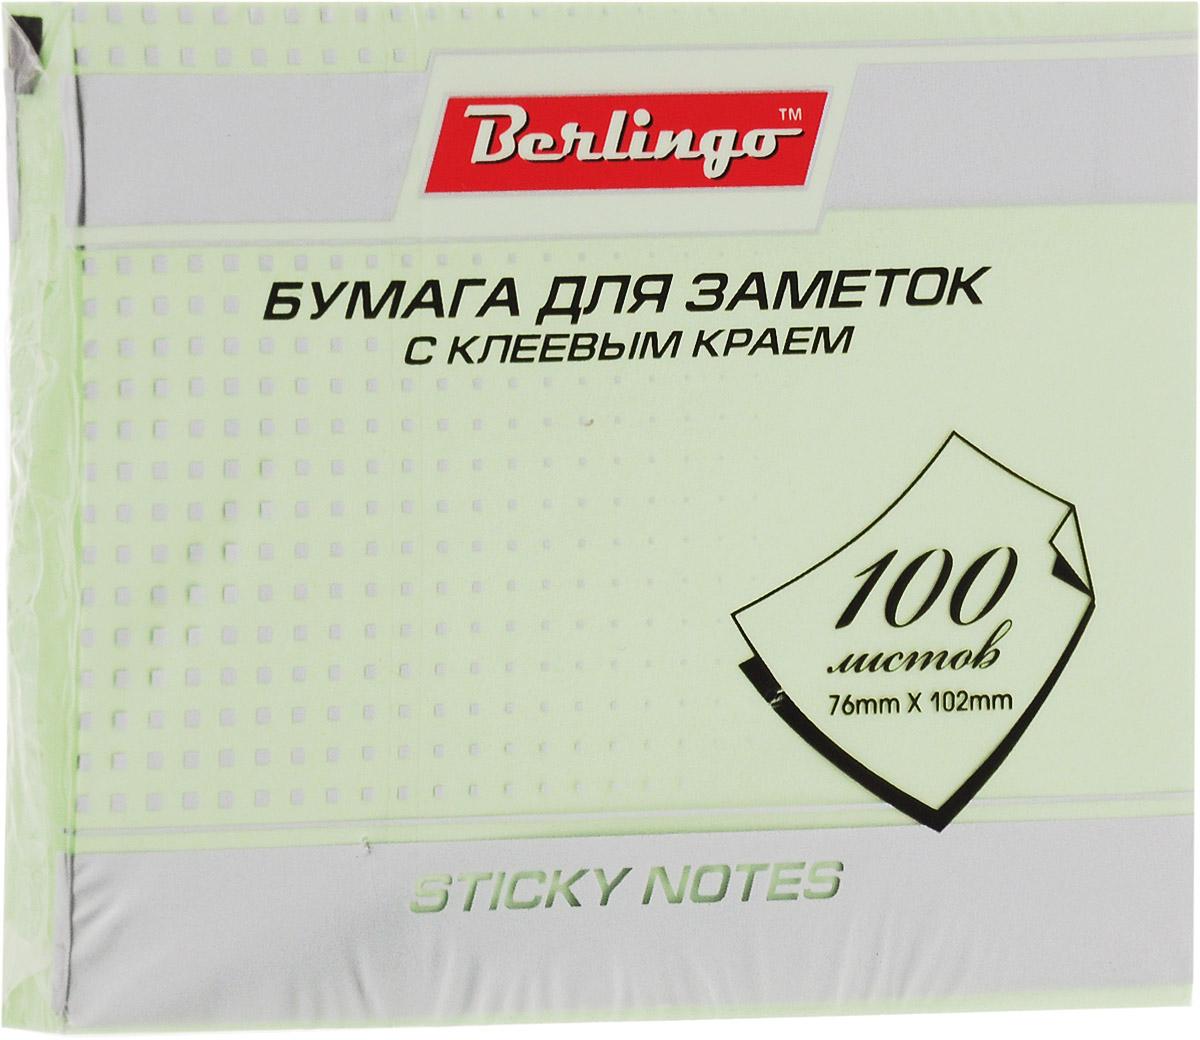 Berlingo Бумага для заметок 7,6 х 10,2 см 100 листов пістолет для гарячого клею ціна